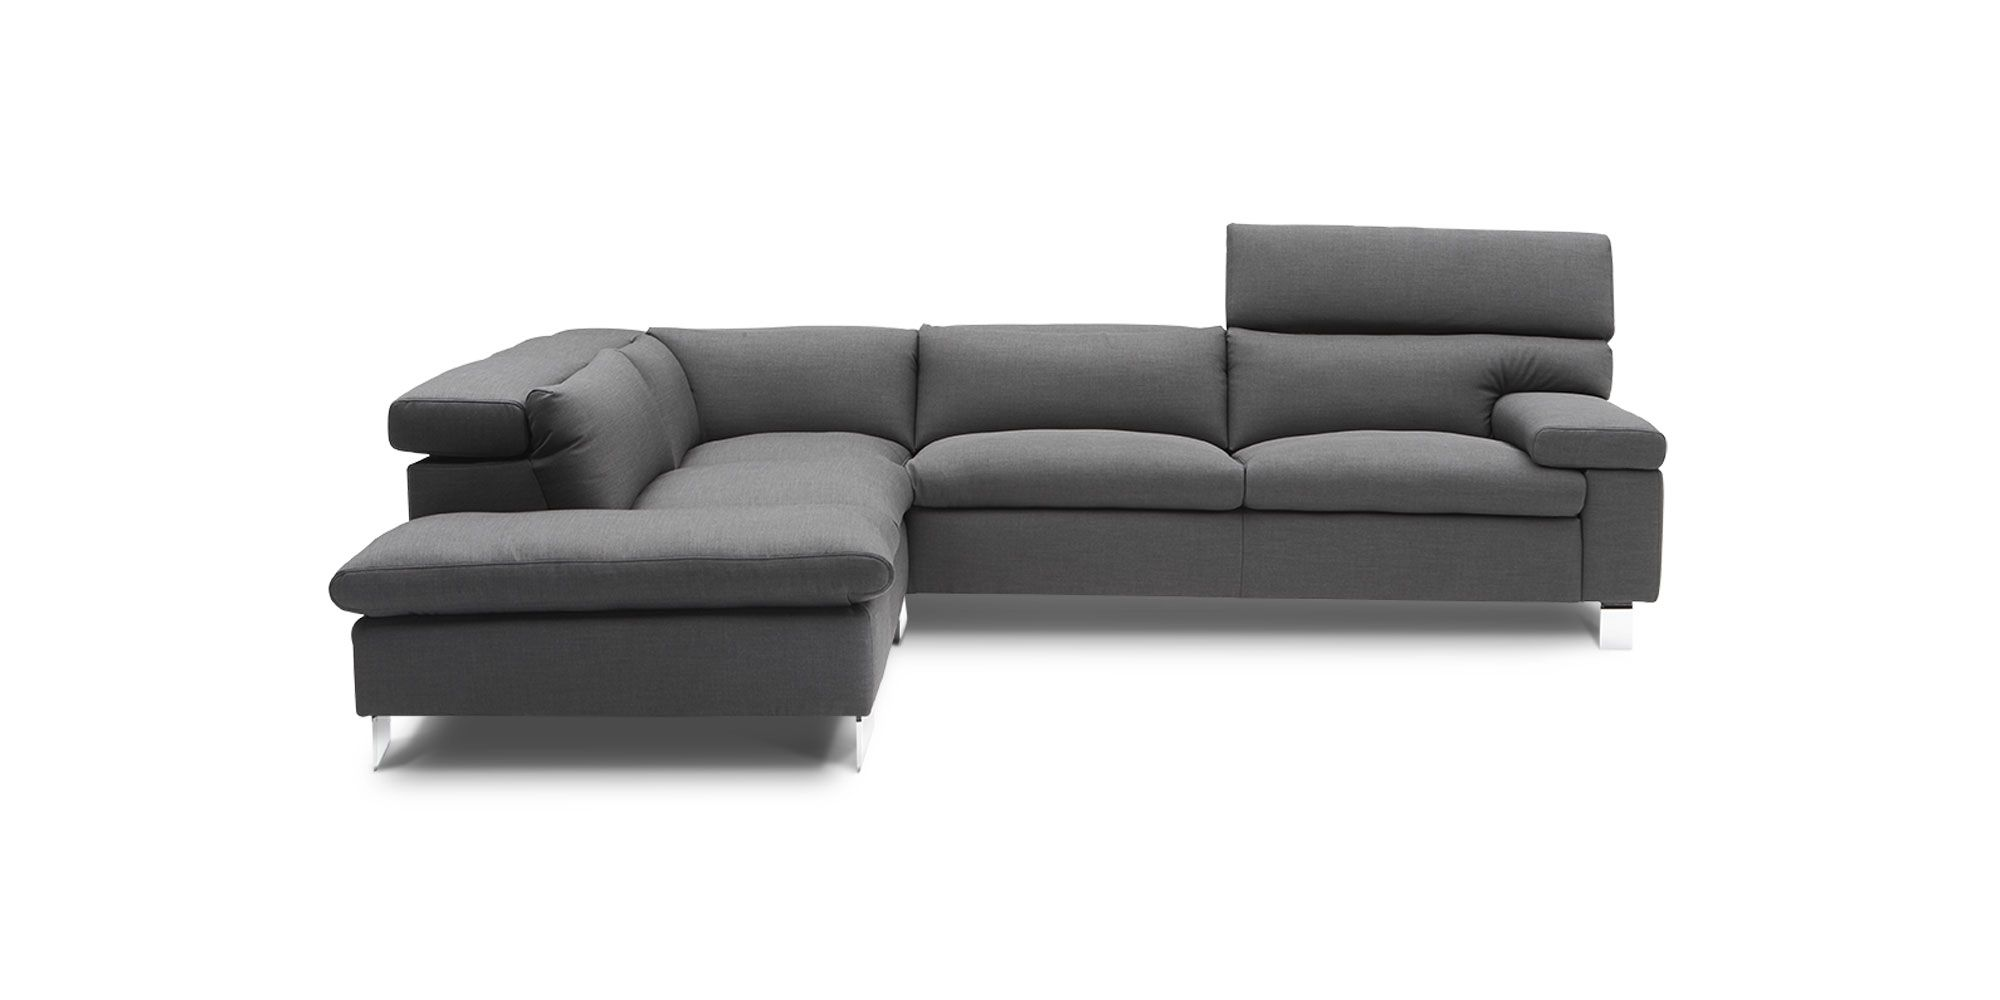 Erstaunlich Sofa Und Sessel Das Beste Von Ambra | Ewald Schillig Brand - Hersteller